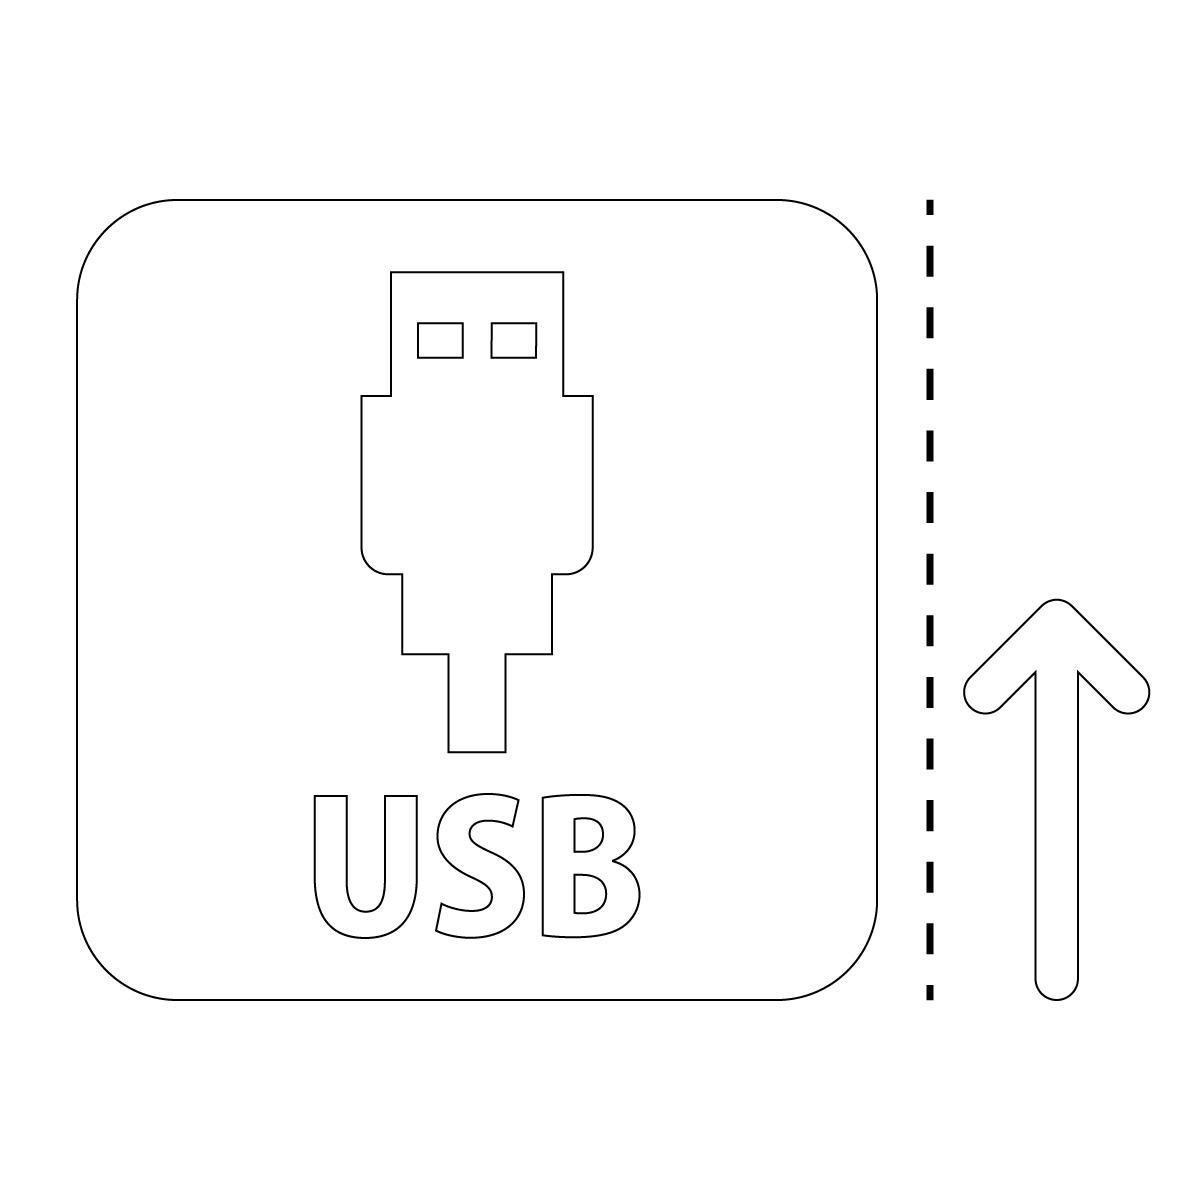 白色のUSBポート案内マーク(矢印付き)のカッティングステッカー・シール 光沢タイプ・防水・耐水・屋外耐候3~4年